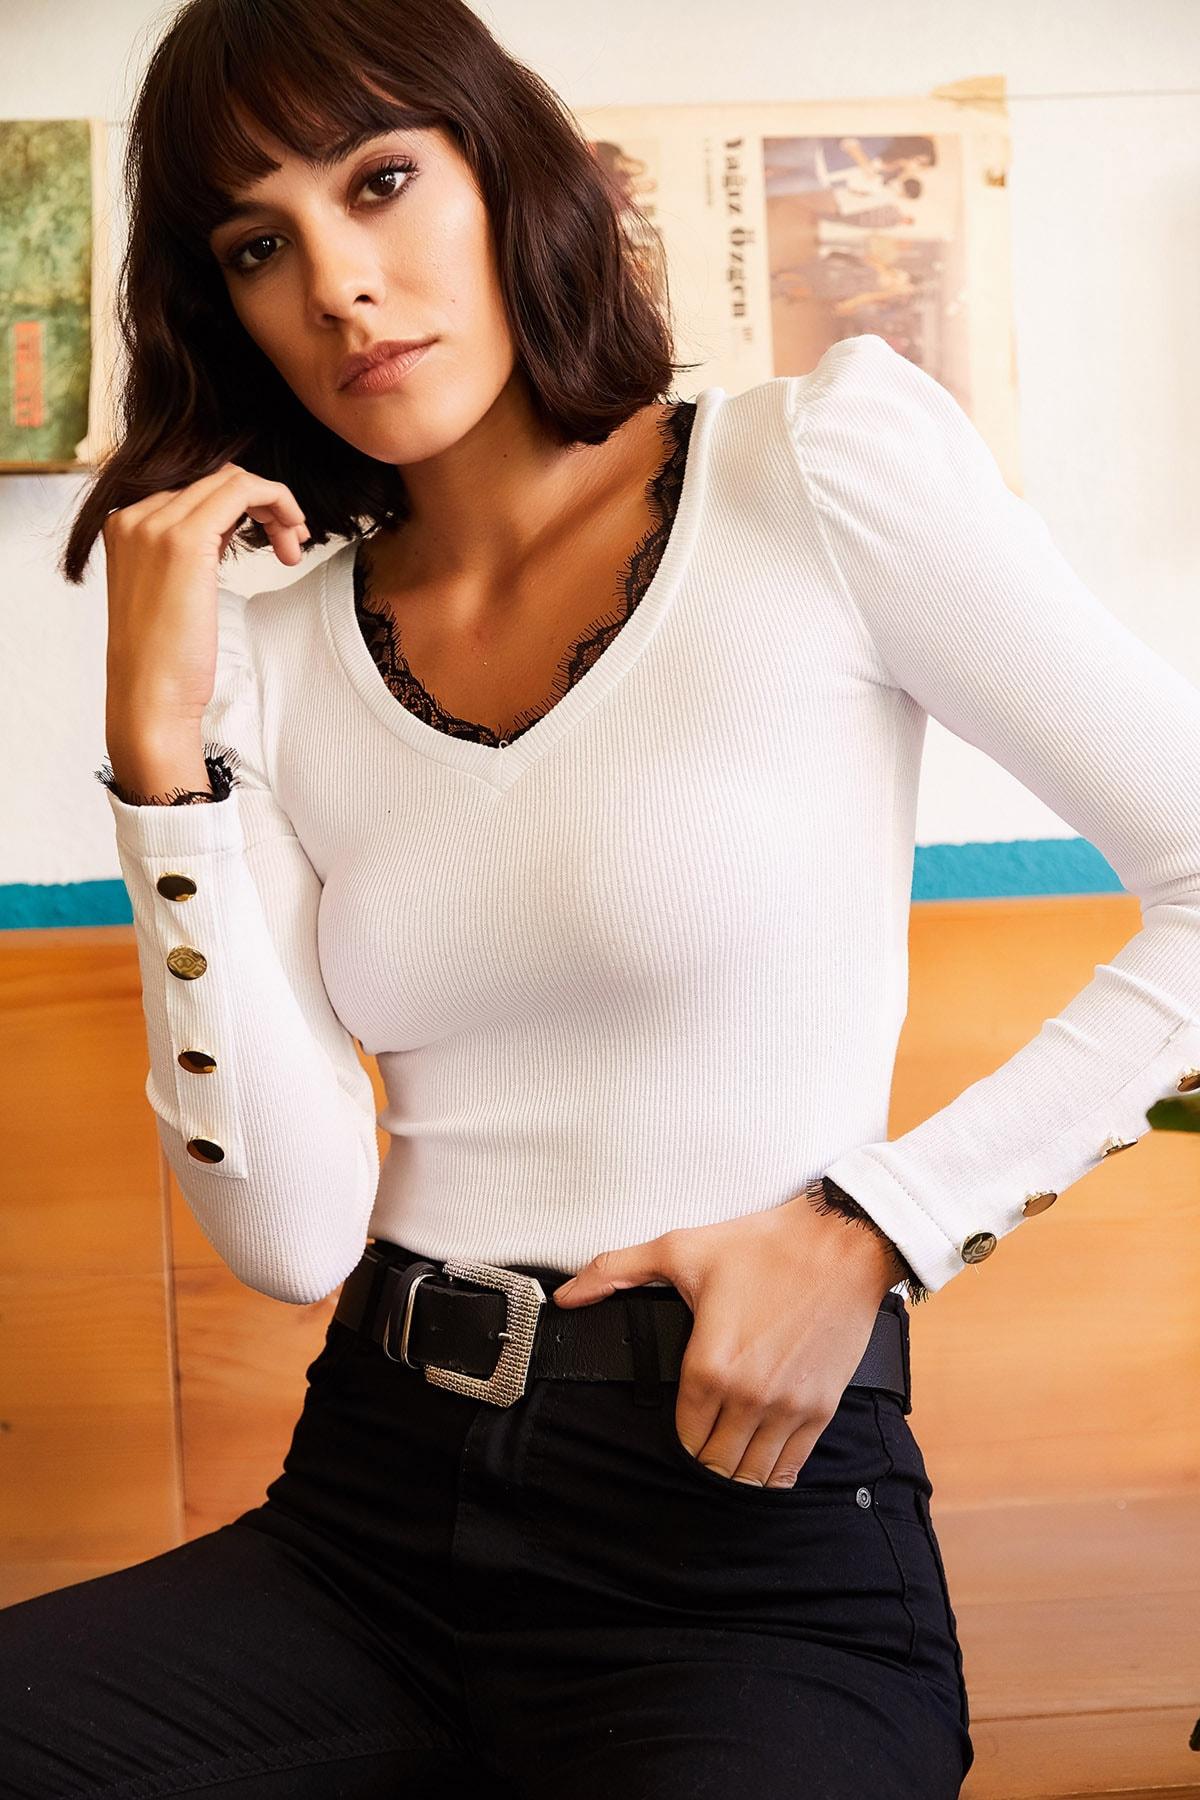 Olalook Kadın Beyaz Yaka Dantelli Kolu Düğmeli Kaşkorse Bluz BLZ-19001205 2